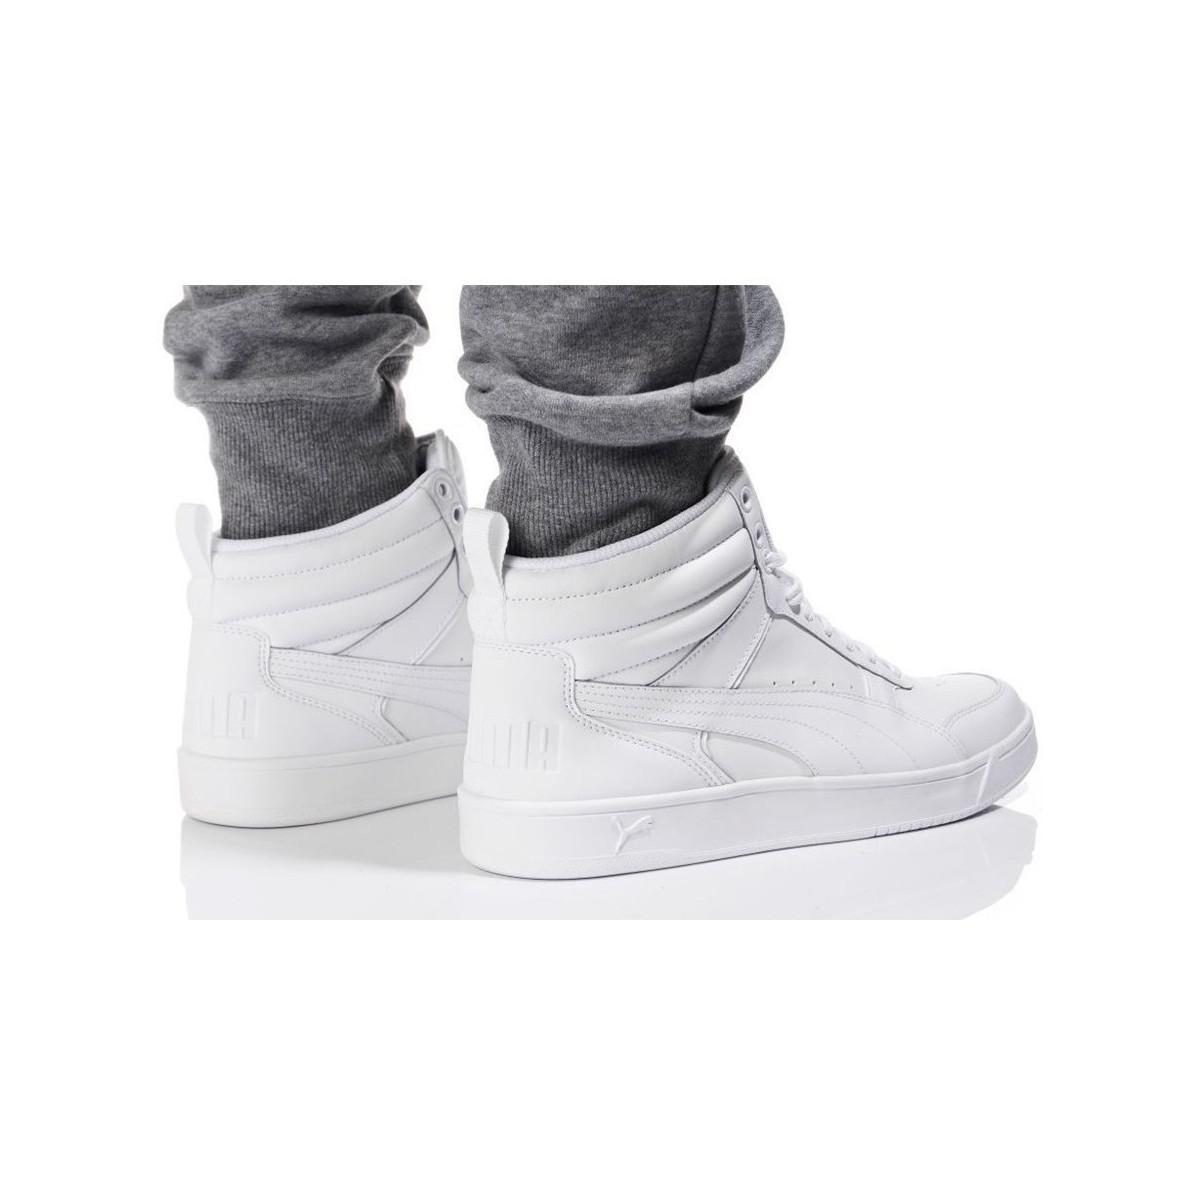 outlet winkel schattig snelle levering Rebound Street V2 L Men's Shoes (high-top Trainers) In White